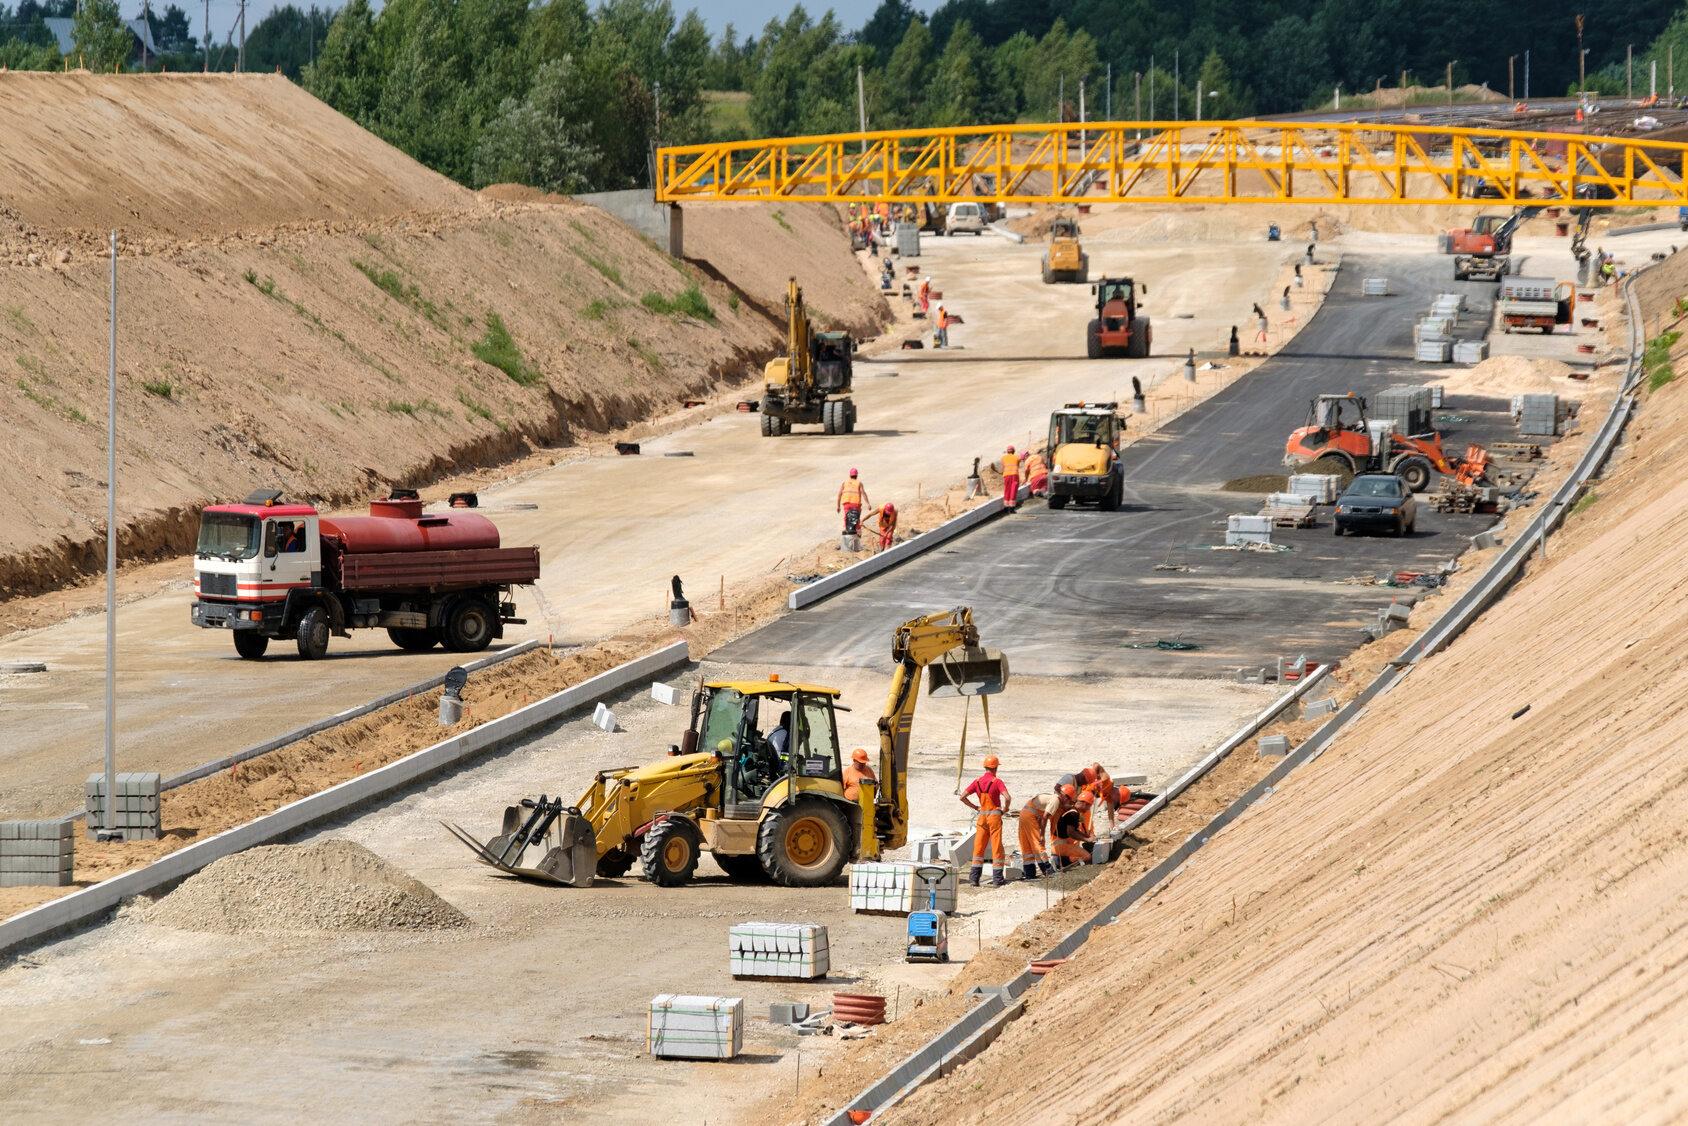 Budowa dróg, zdjęcie ilustracyjne